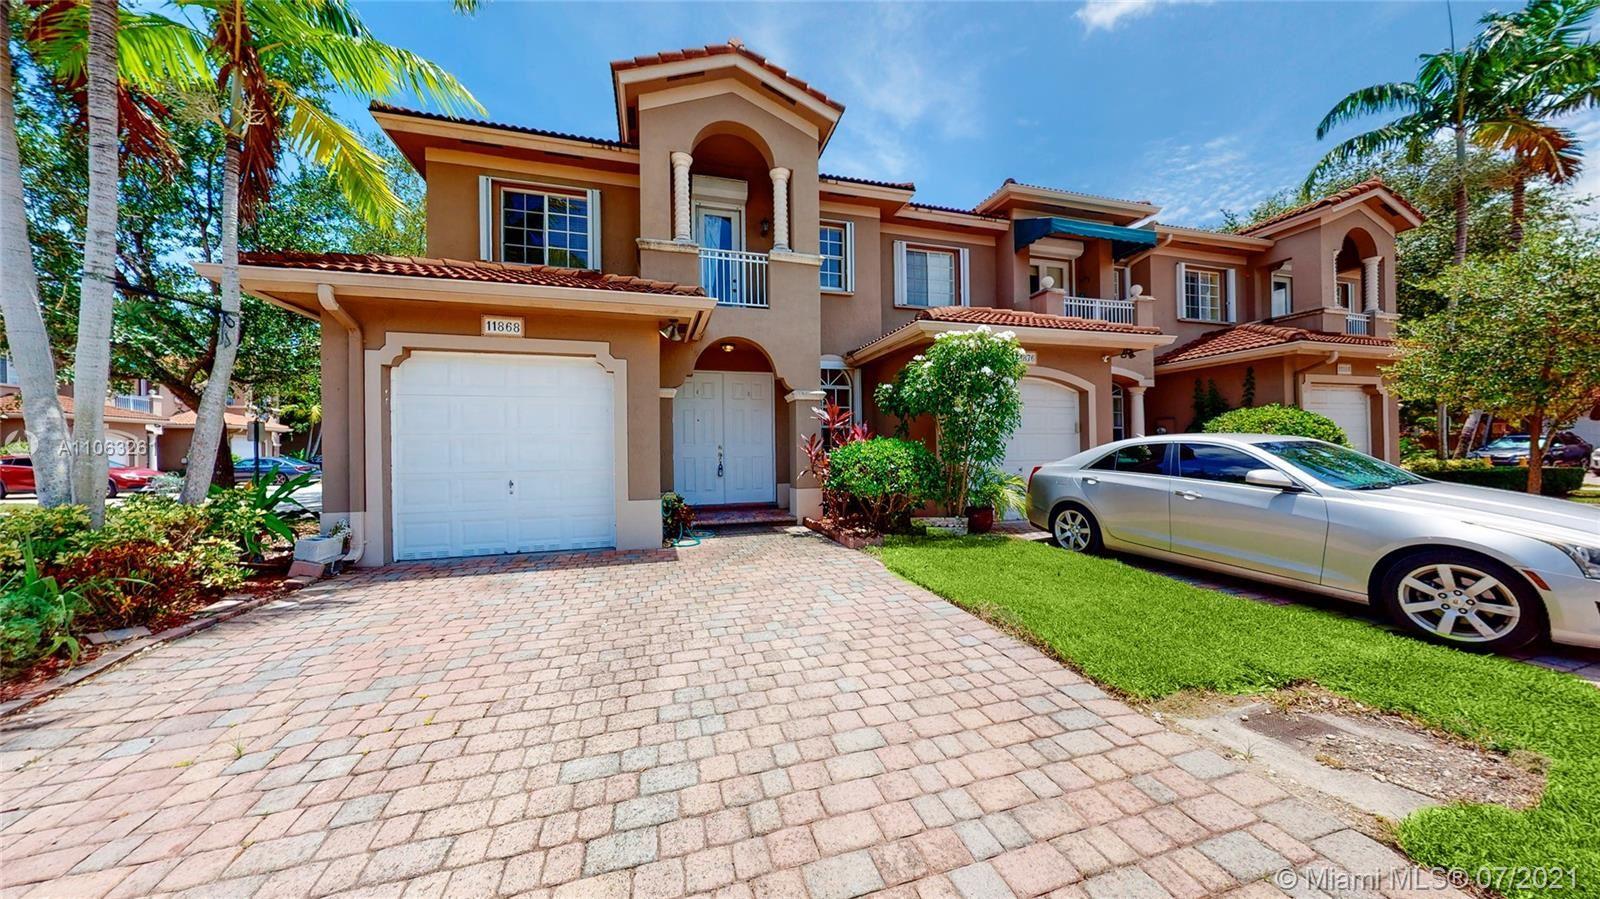 11868 SW 80th Te, Miami, FL 33183 - #: A11063261